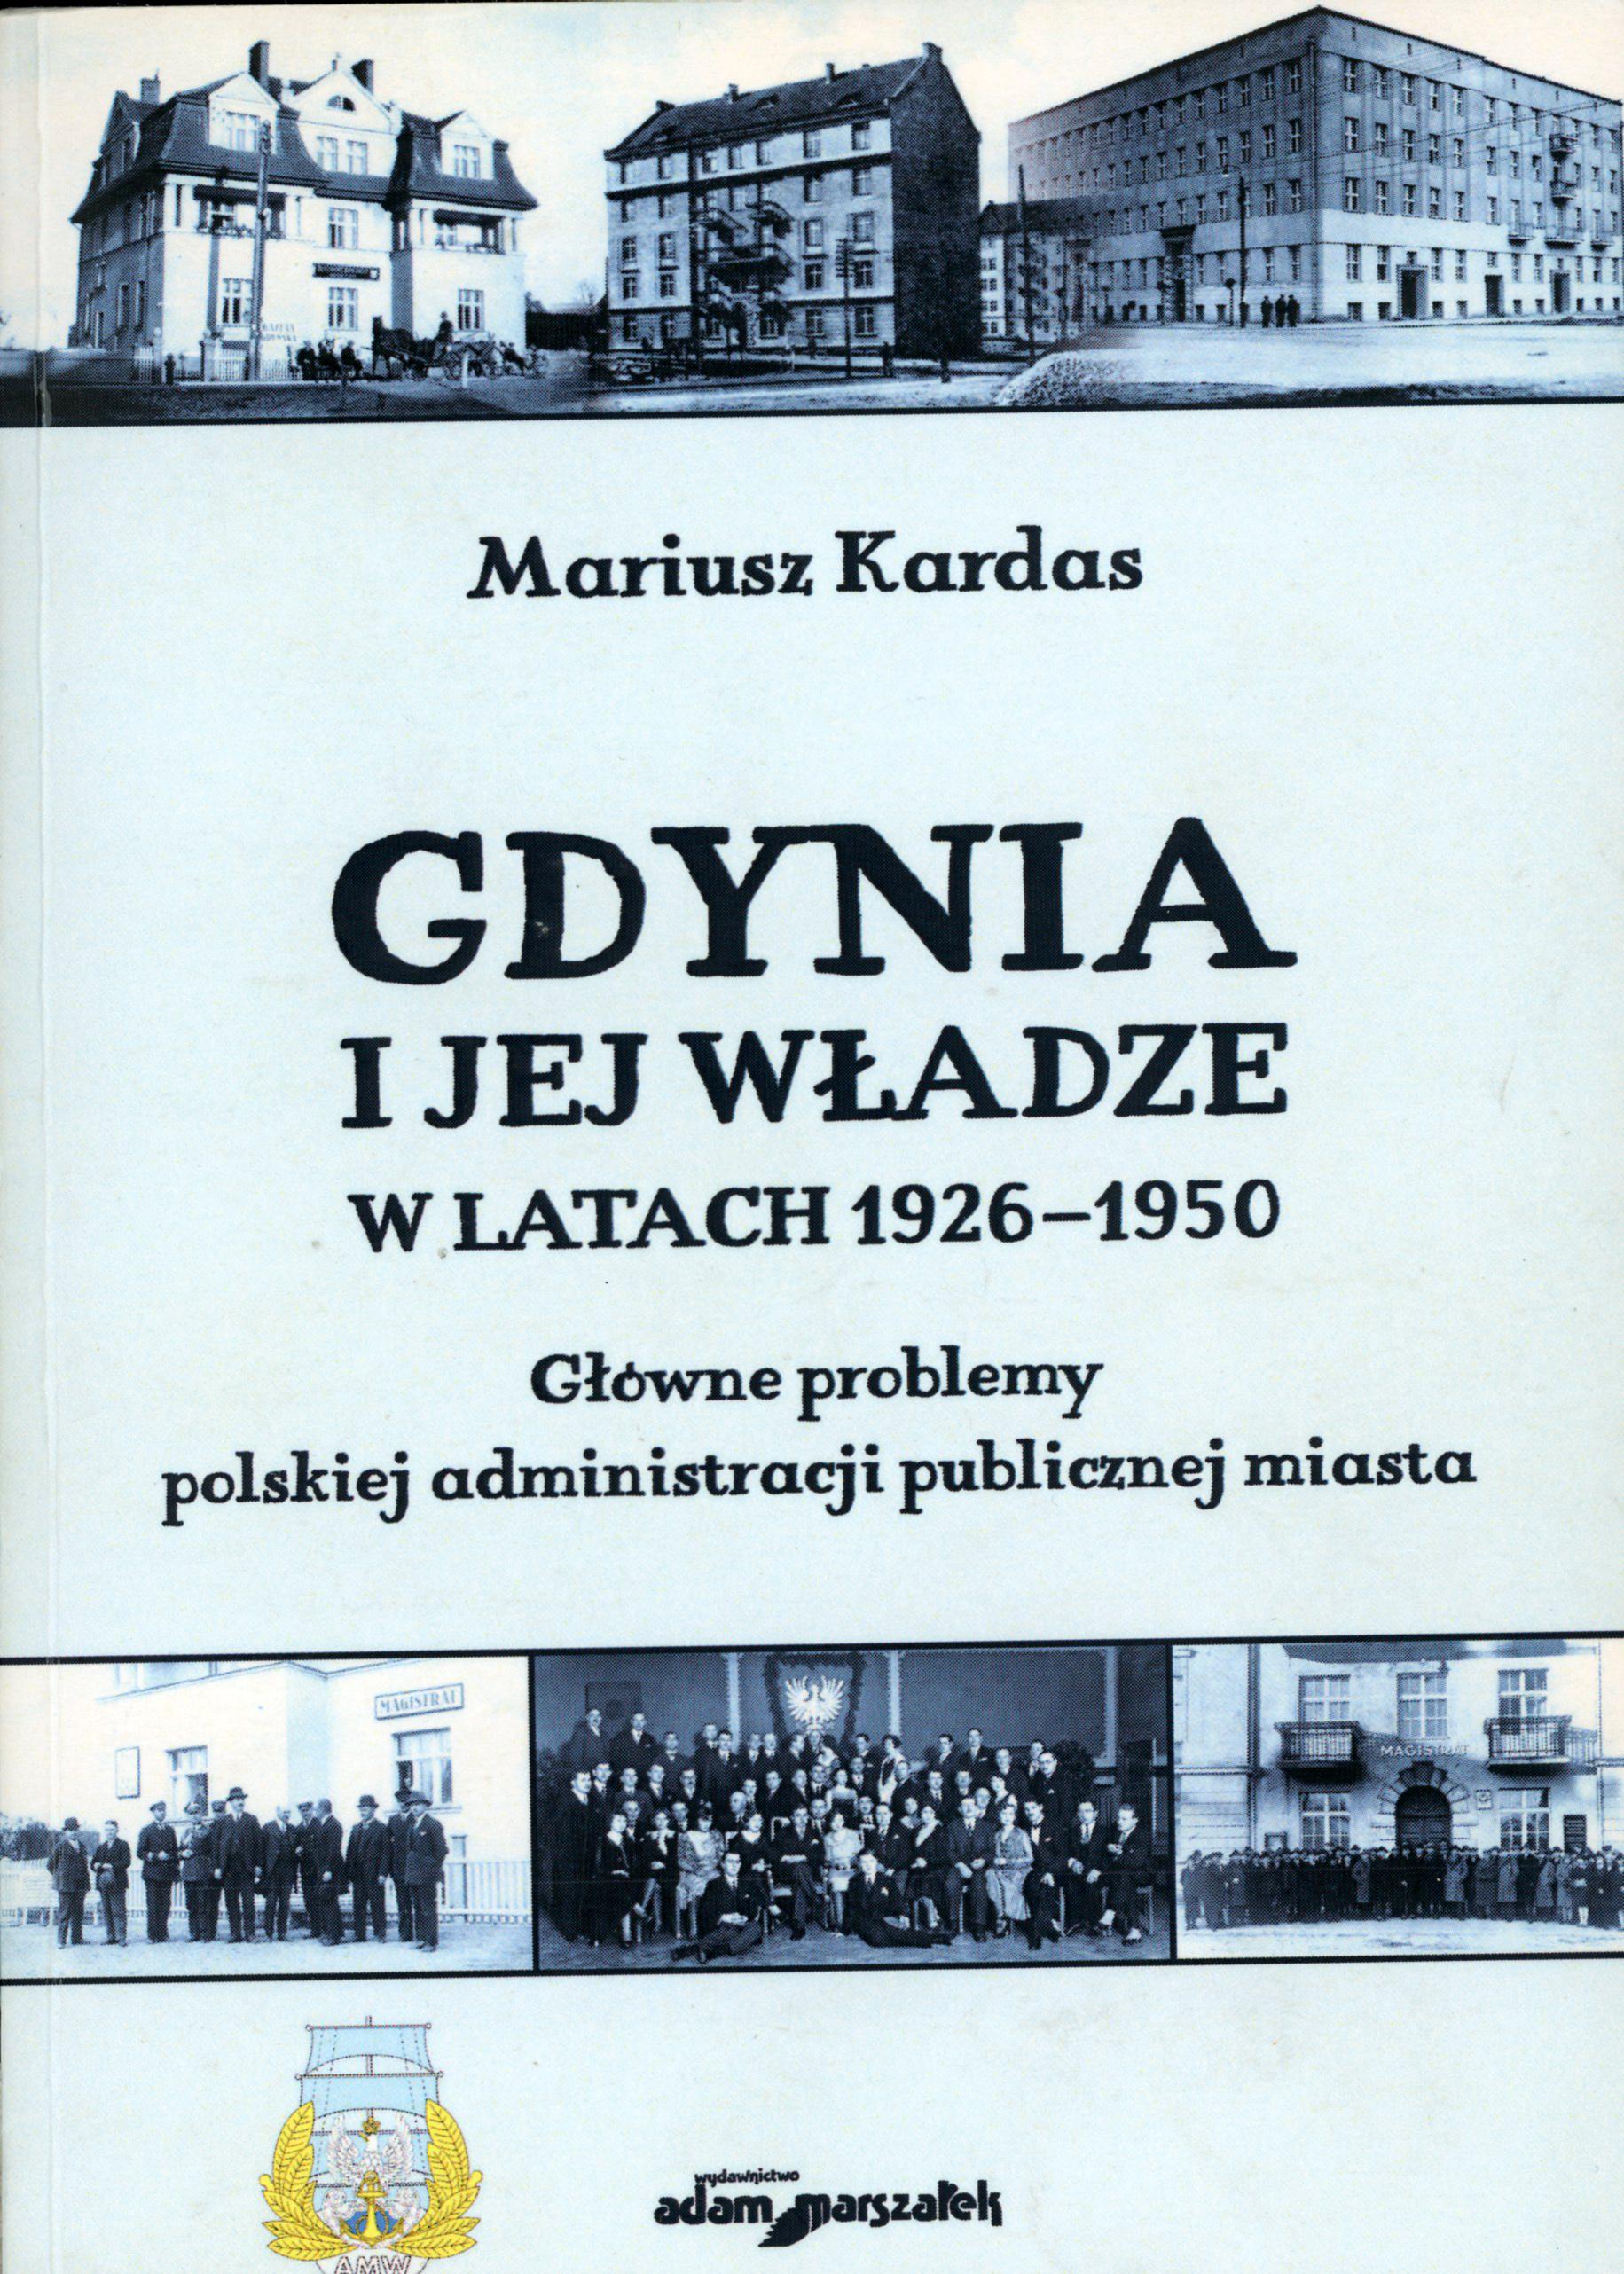 Gdynia i jej władze w latach 1926-1950